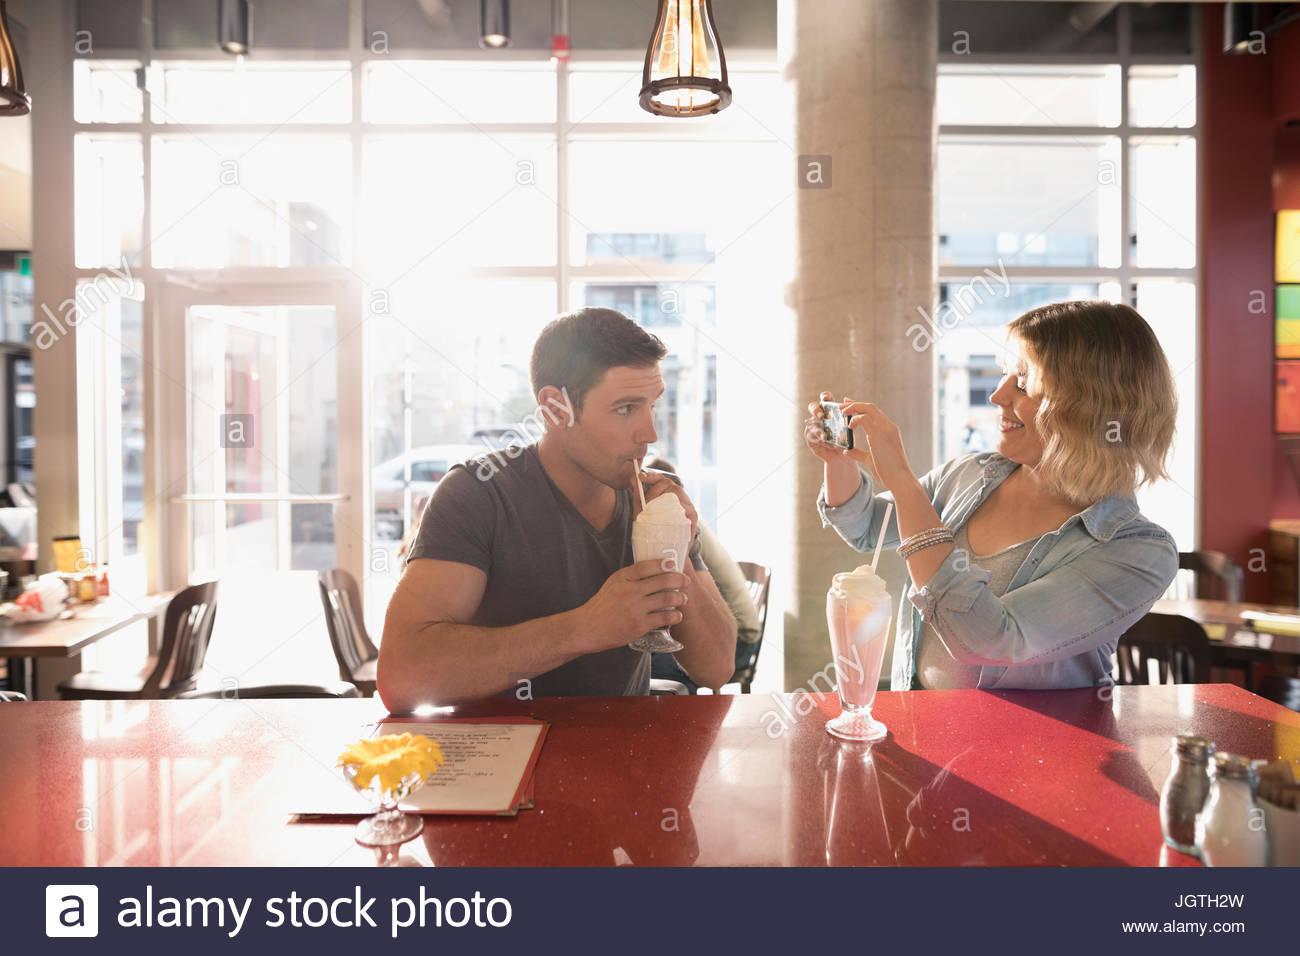 Ragazza con la fotocamera del telefono a fotografare il mio ragazzo beve frullato al diner counter Immagini Stock